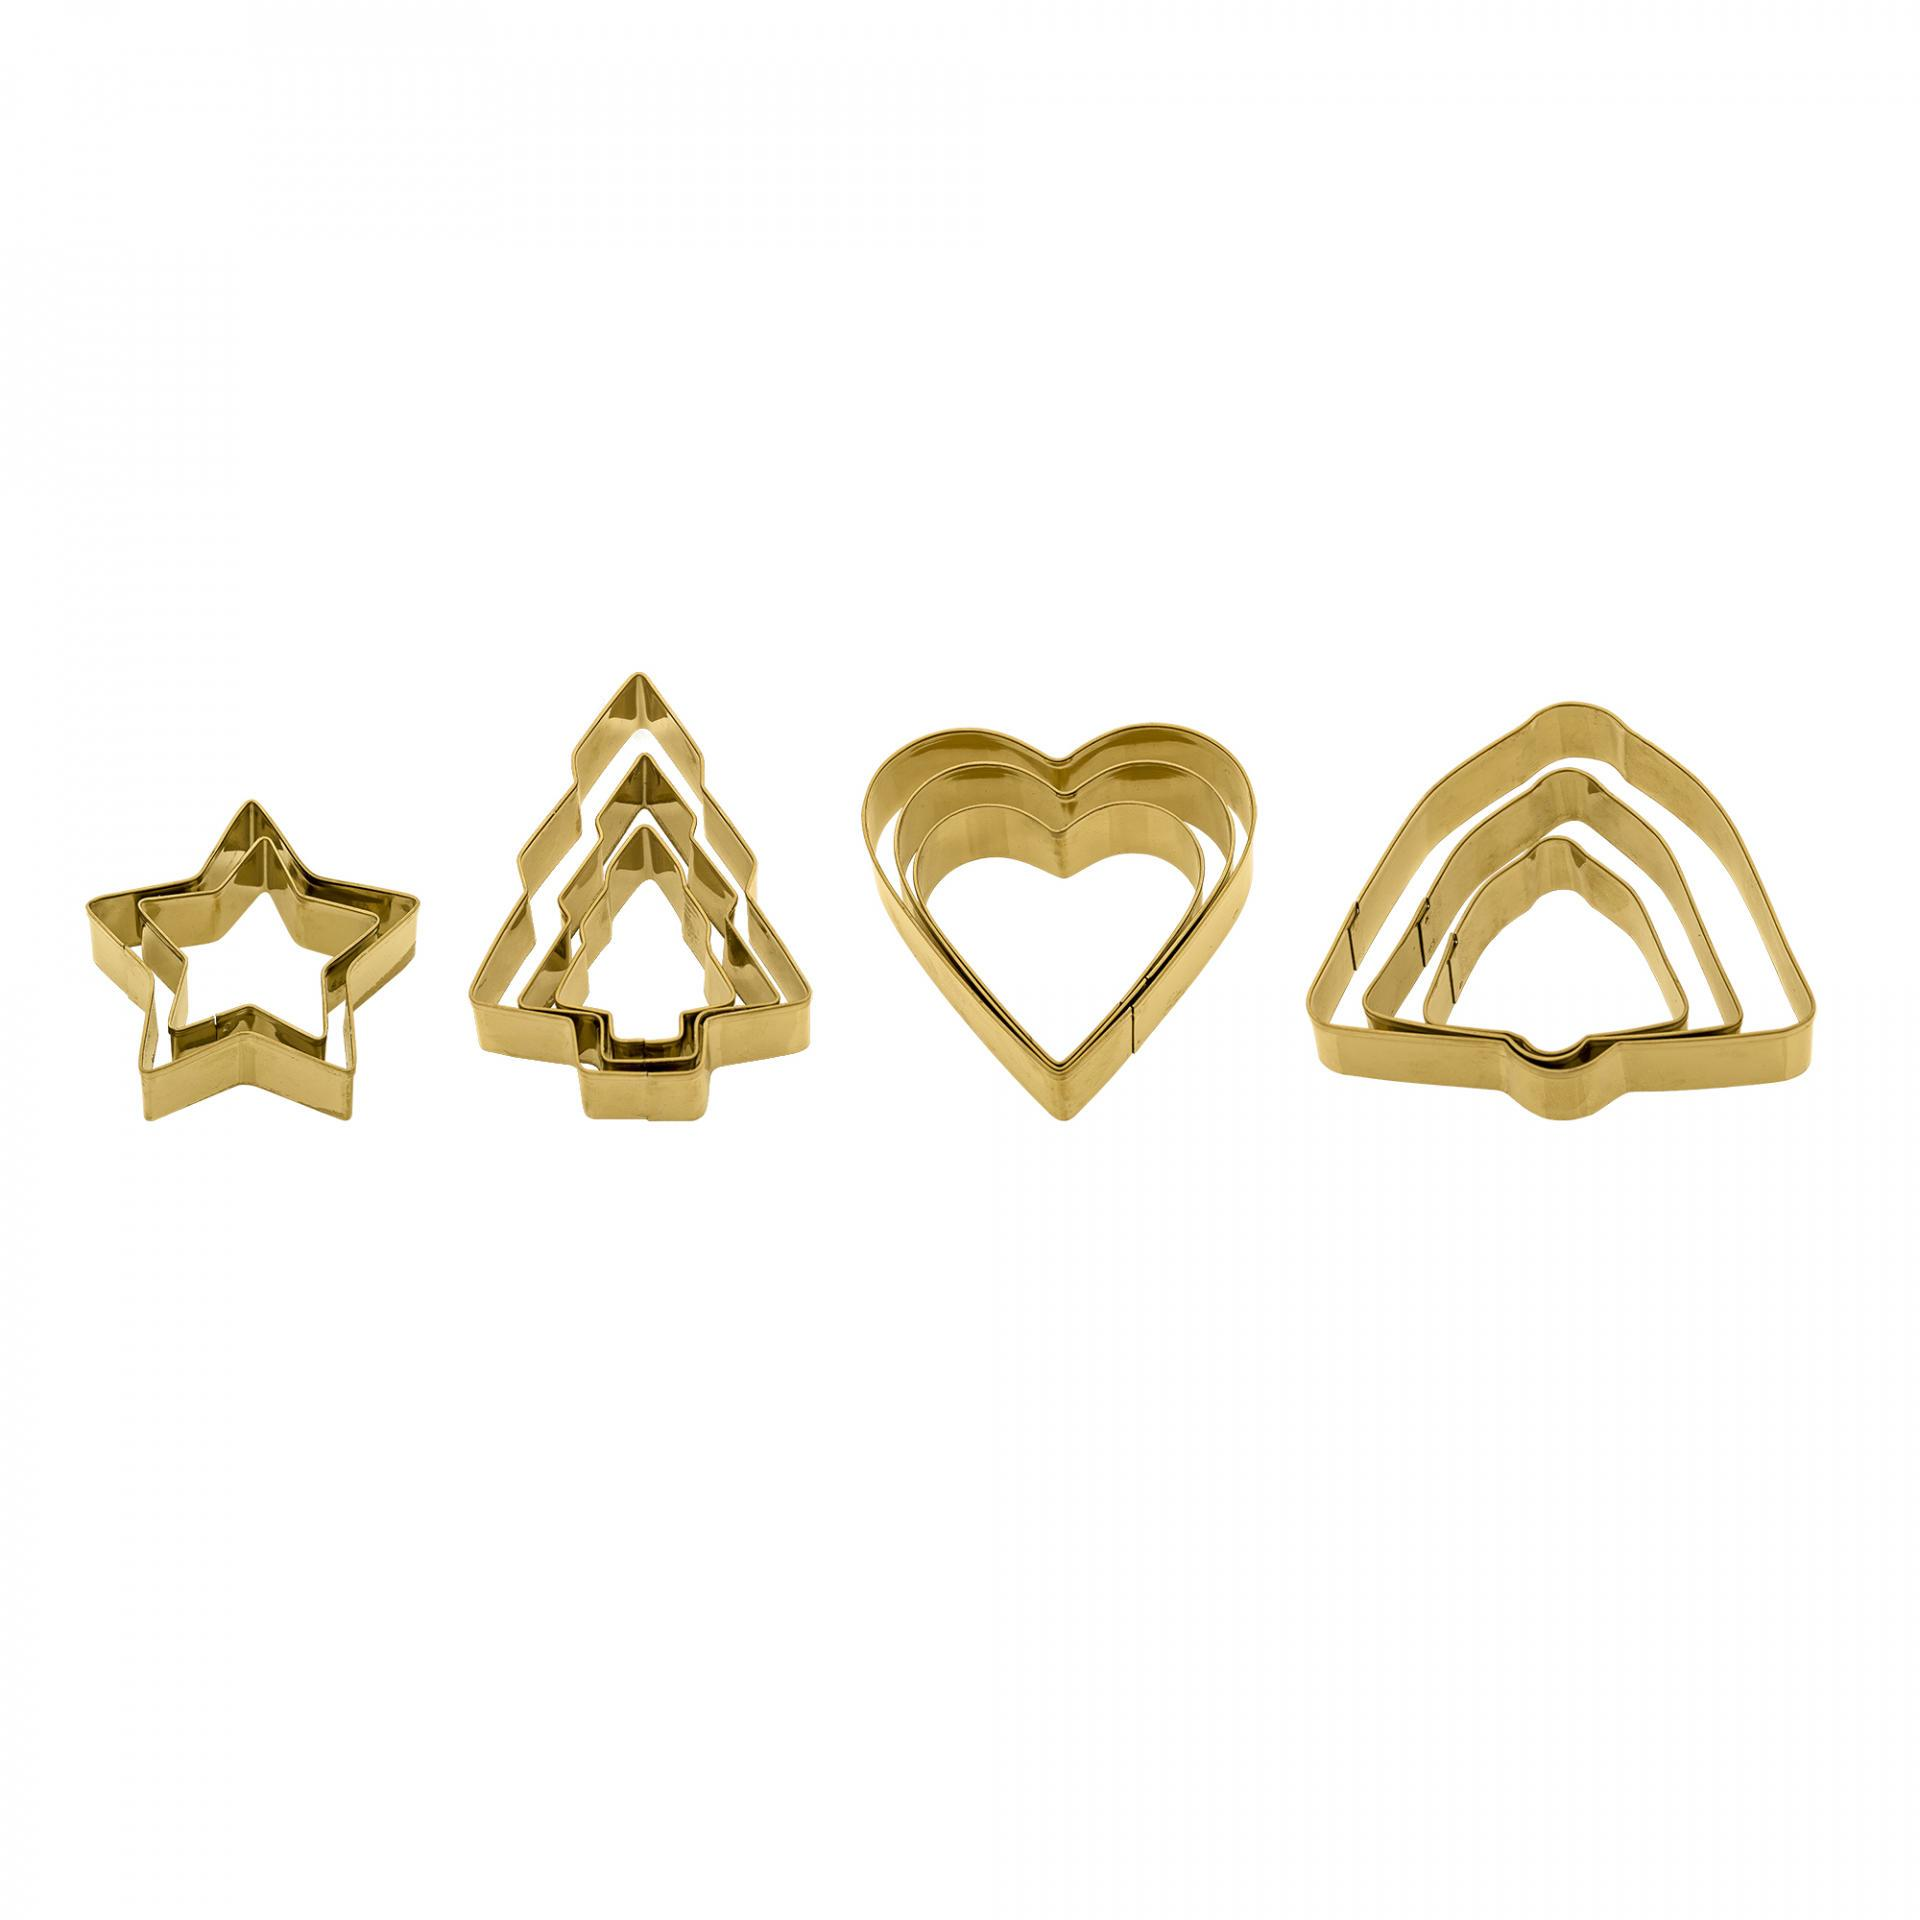 Bloomingville Vykrajovátka na cukroví v dárkovém balíčku Gold - 3 ks Zvonek, zlatá barva, kov